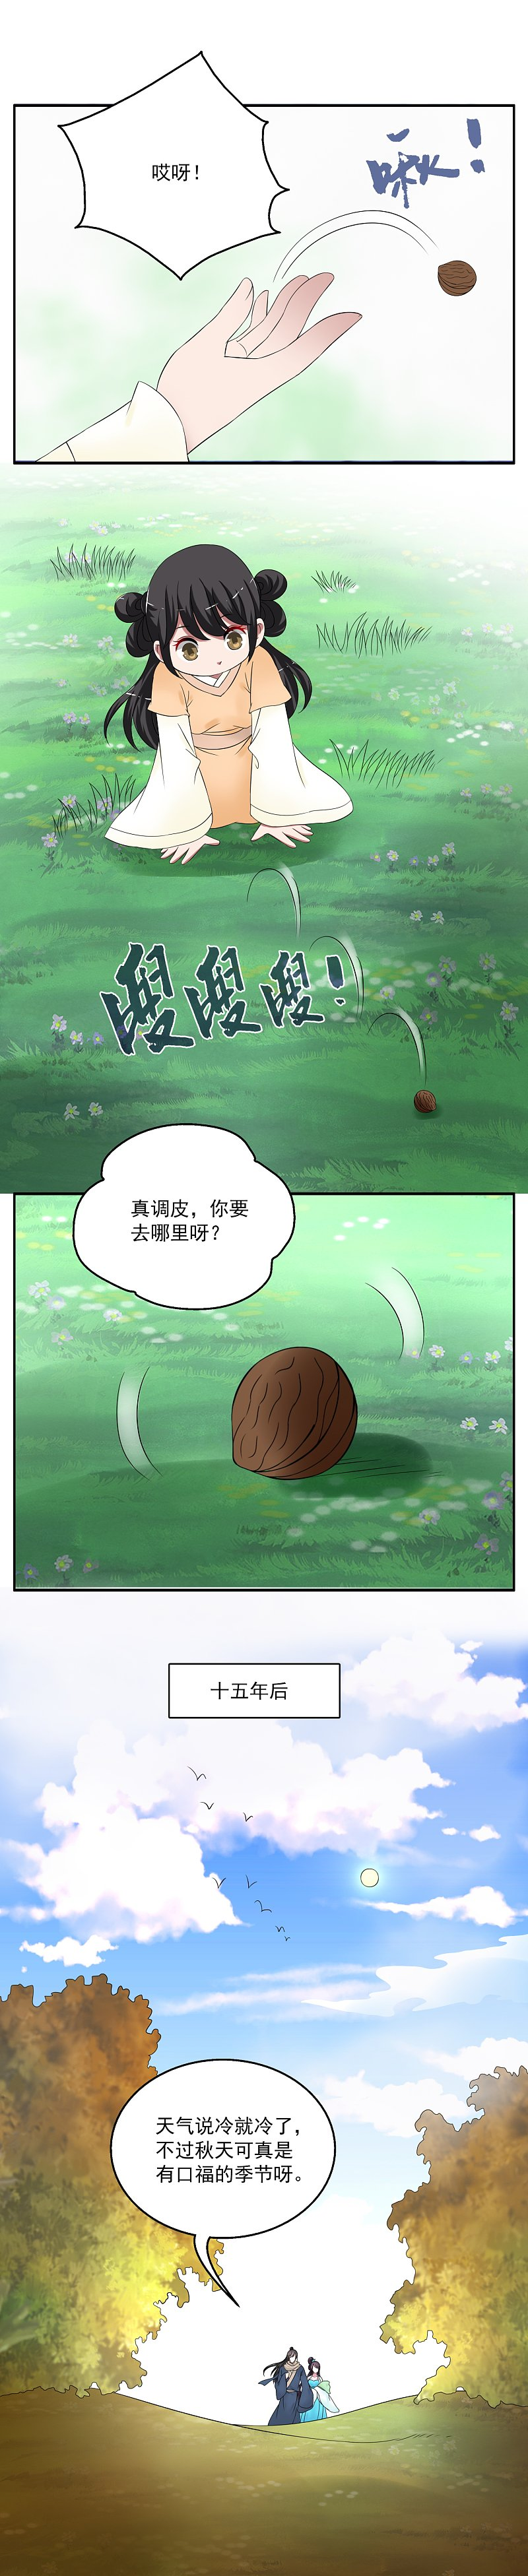 洛小妖168 (3).JPG